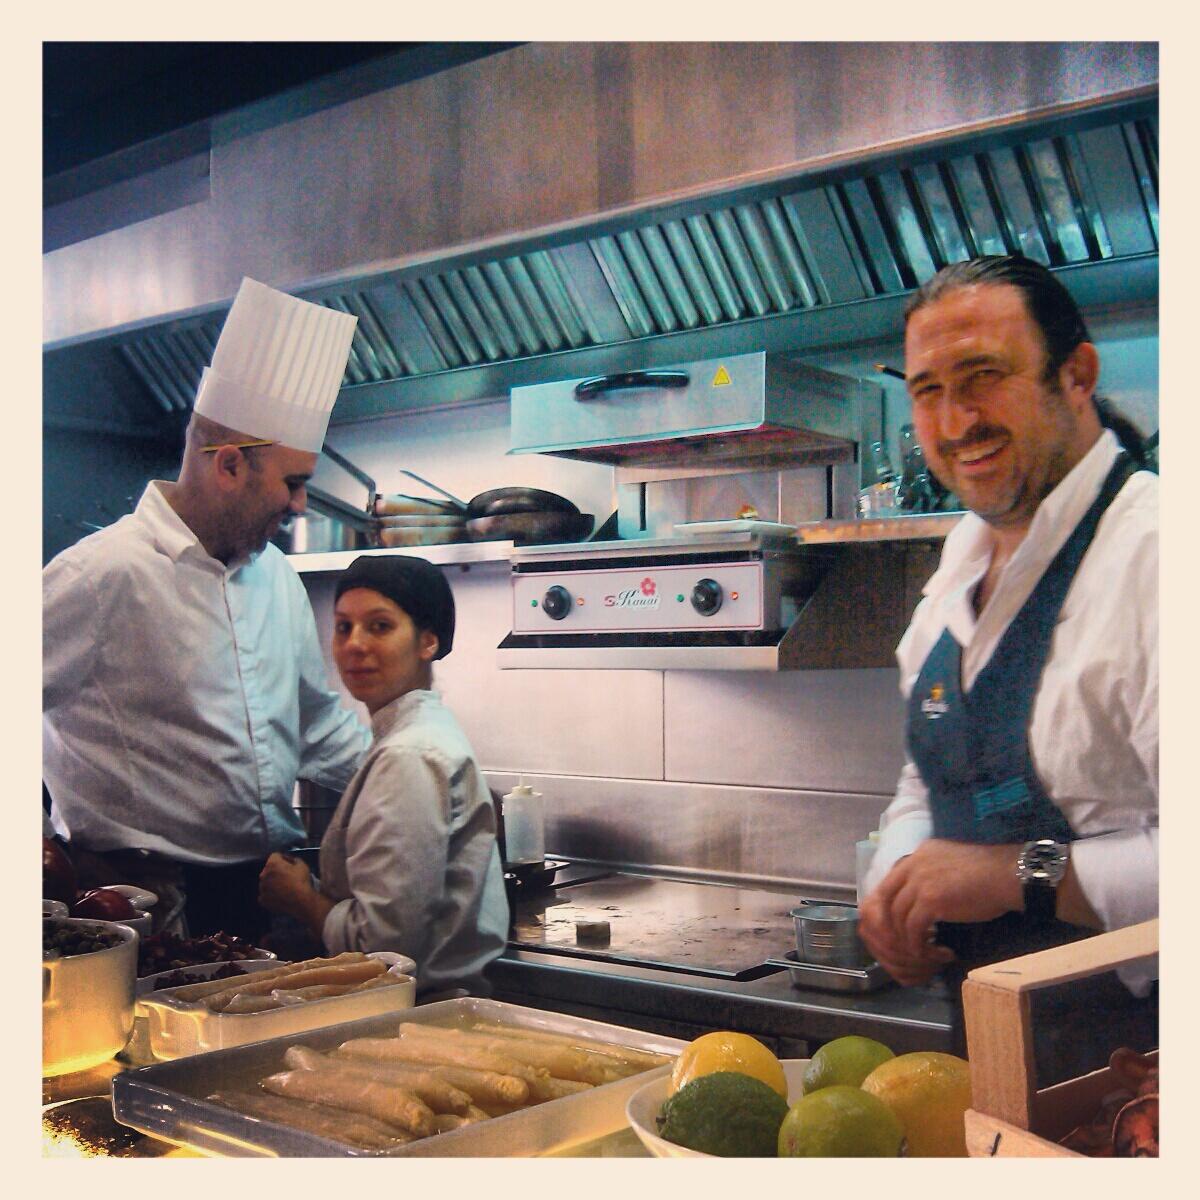 La cocina de los valientes el restaurante de la semana for La cocina de los valientes